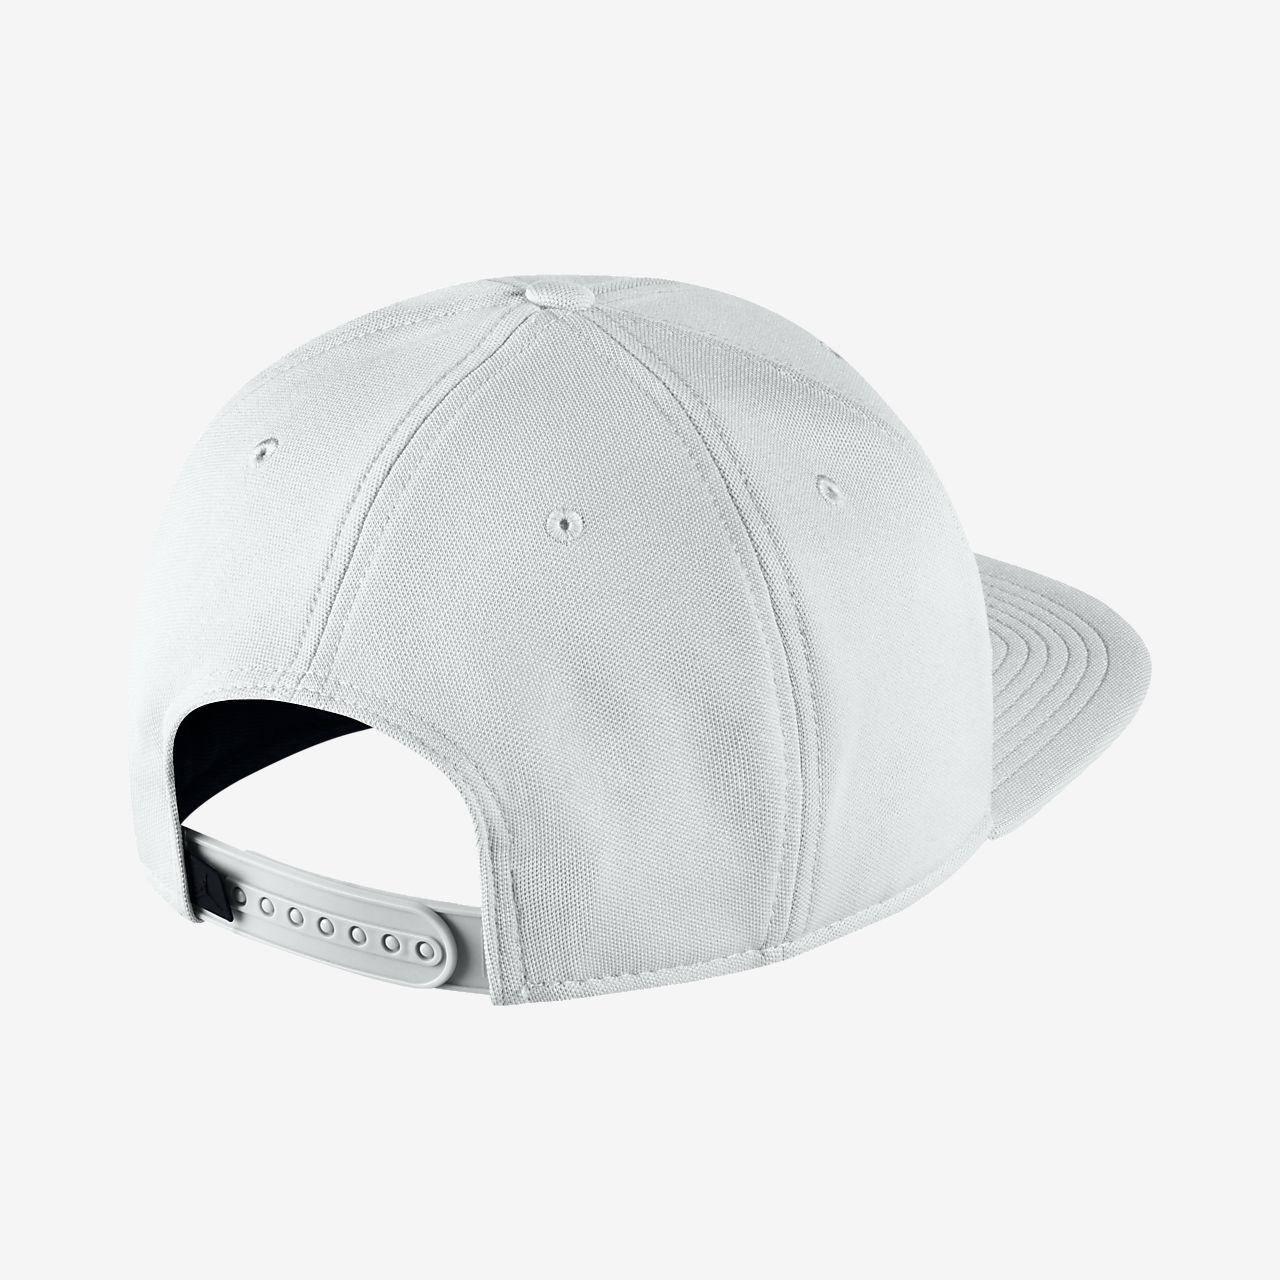 a5f3ca0bf4b18f Low Resolution Jordan Jumpman Snapback Adjustable Hat Jordan Jumpman  Snapback Adjustable Hat